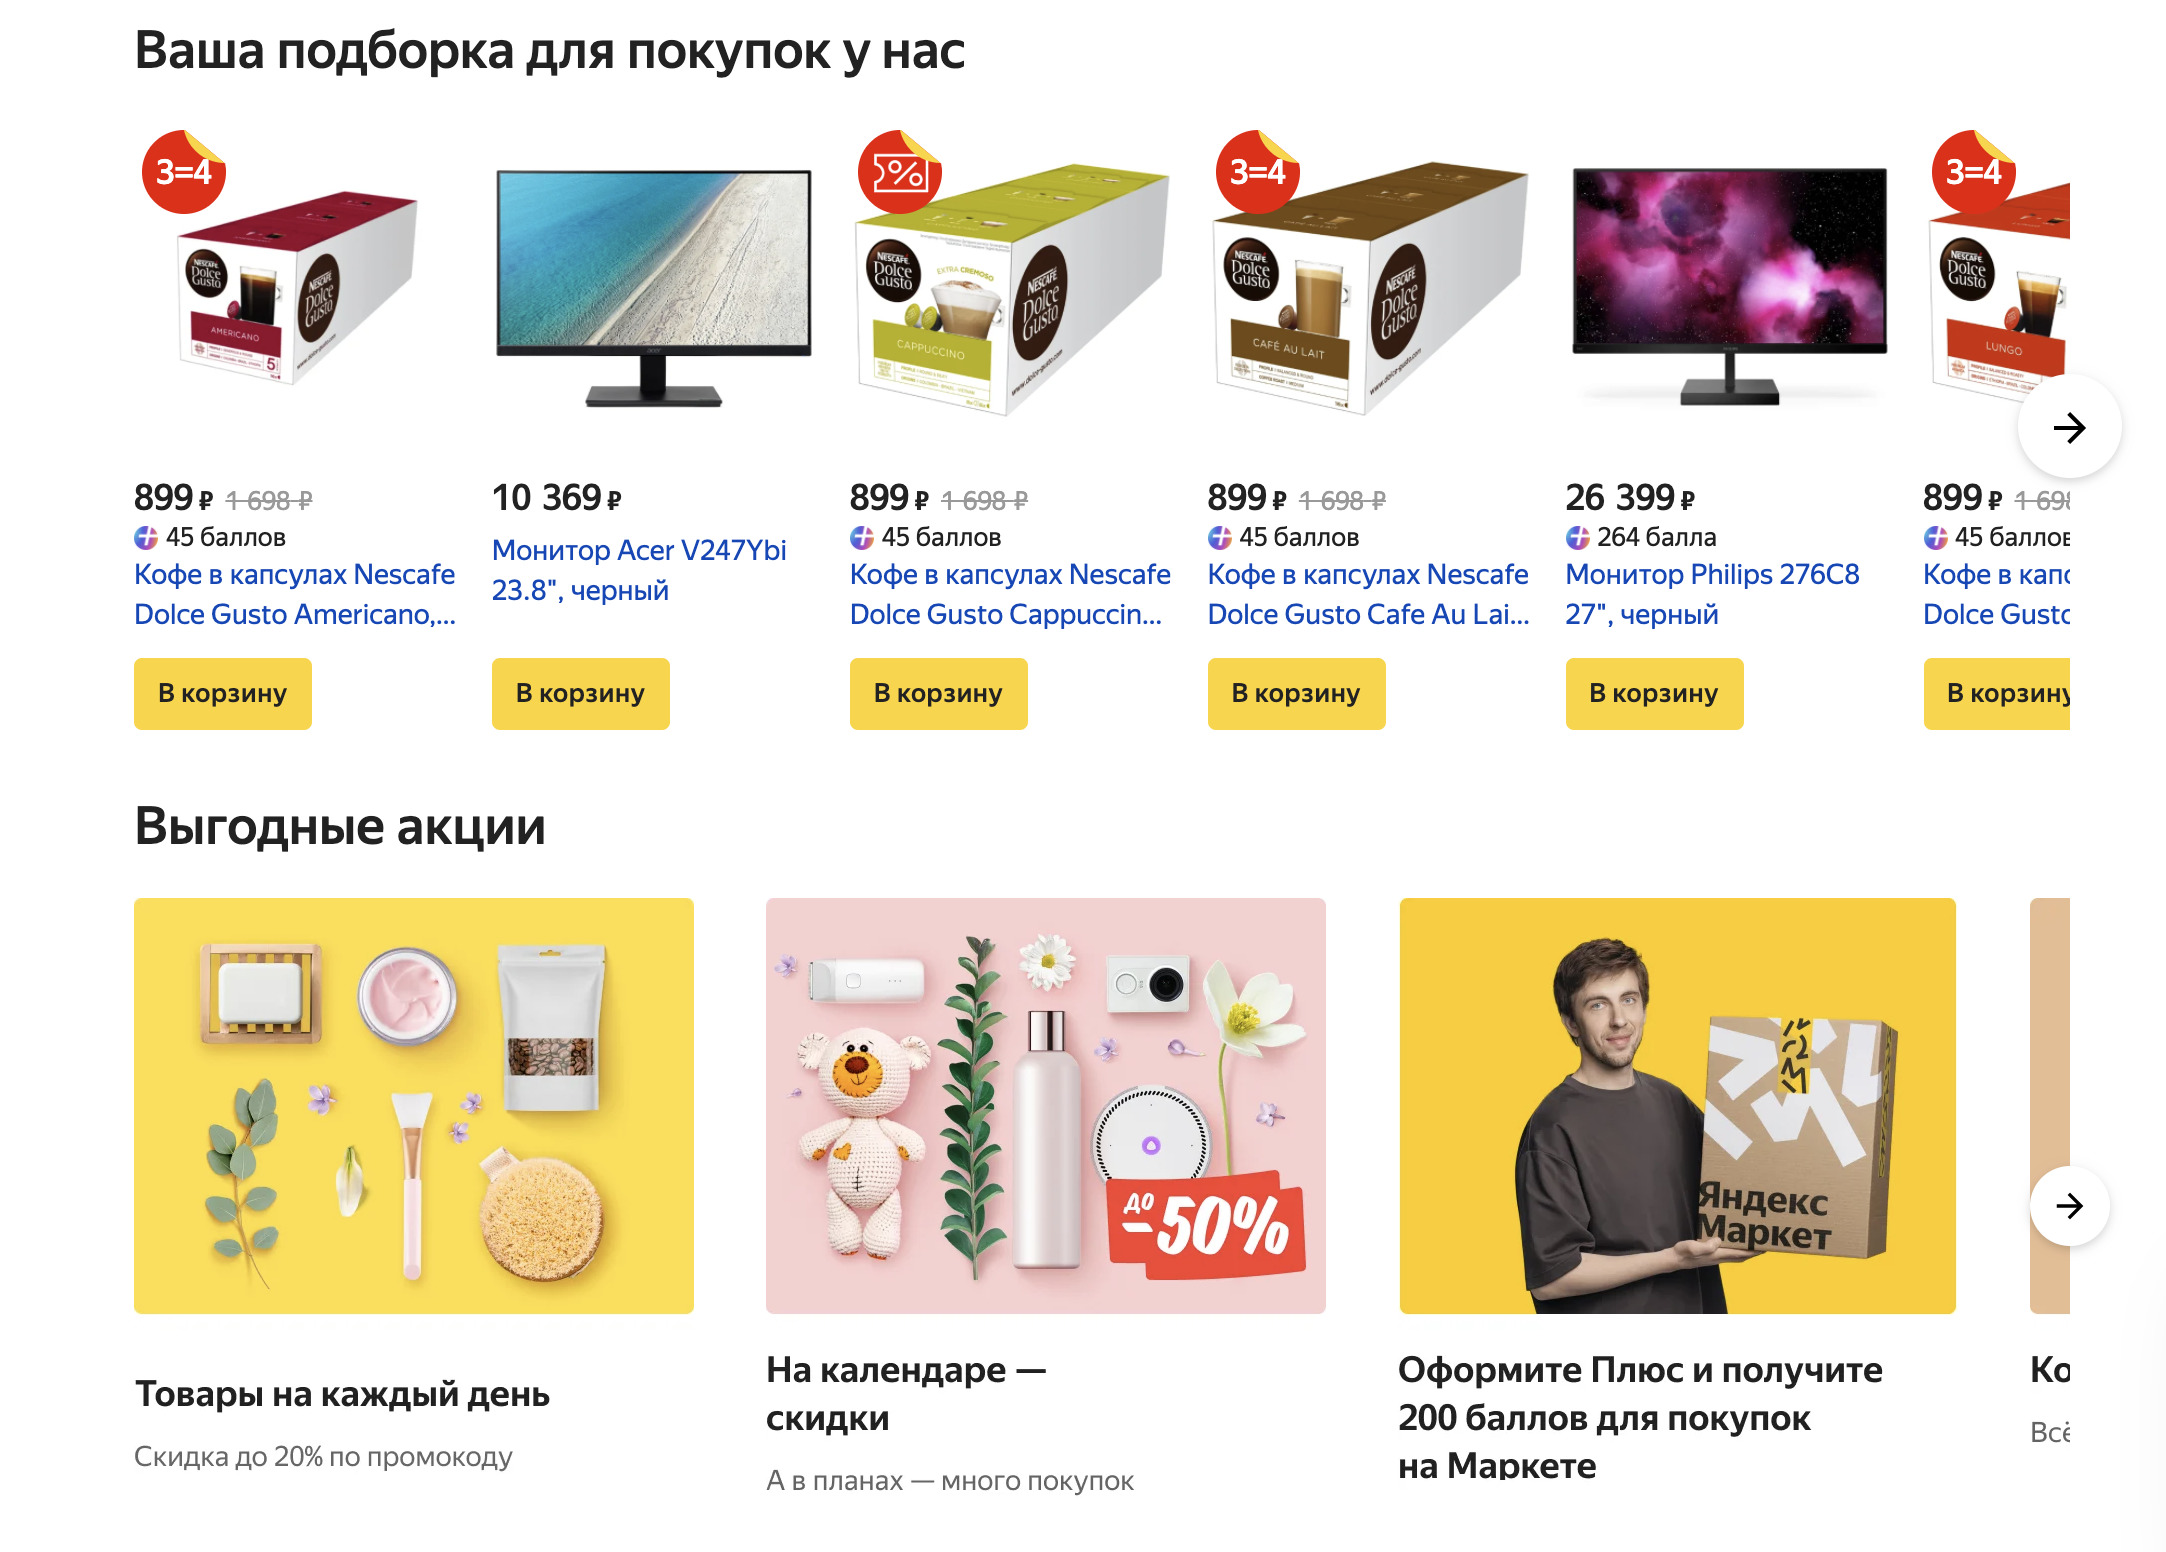 Доставка из Яндекс.Маркет в Белебей, сроки, пункты выдачи, каталог